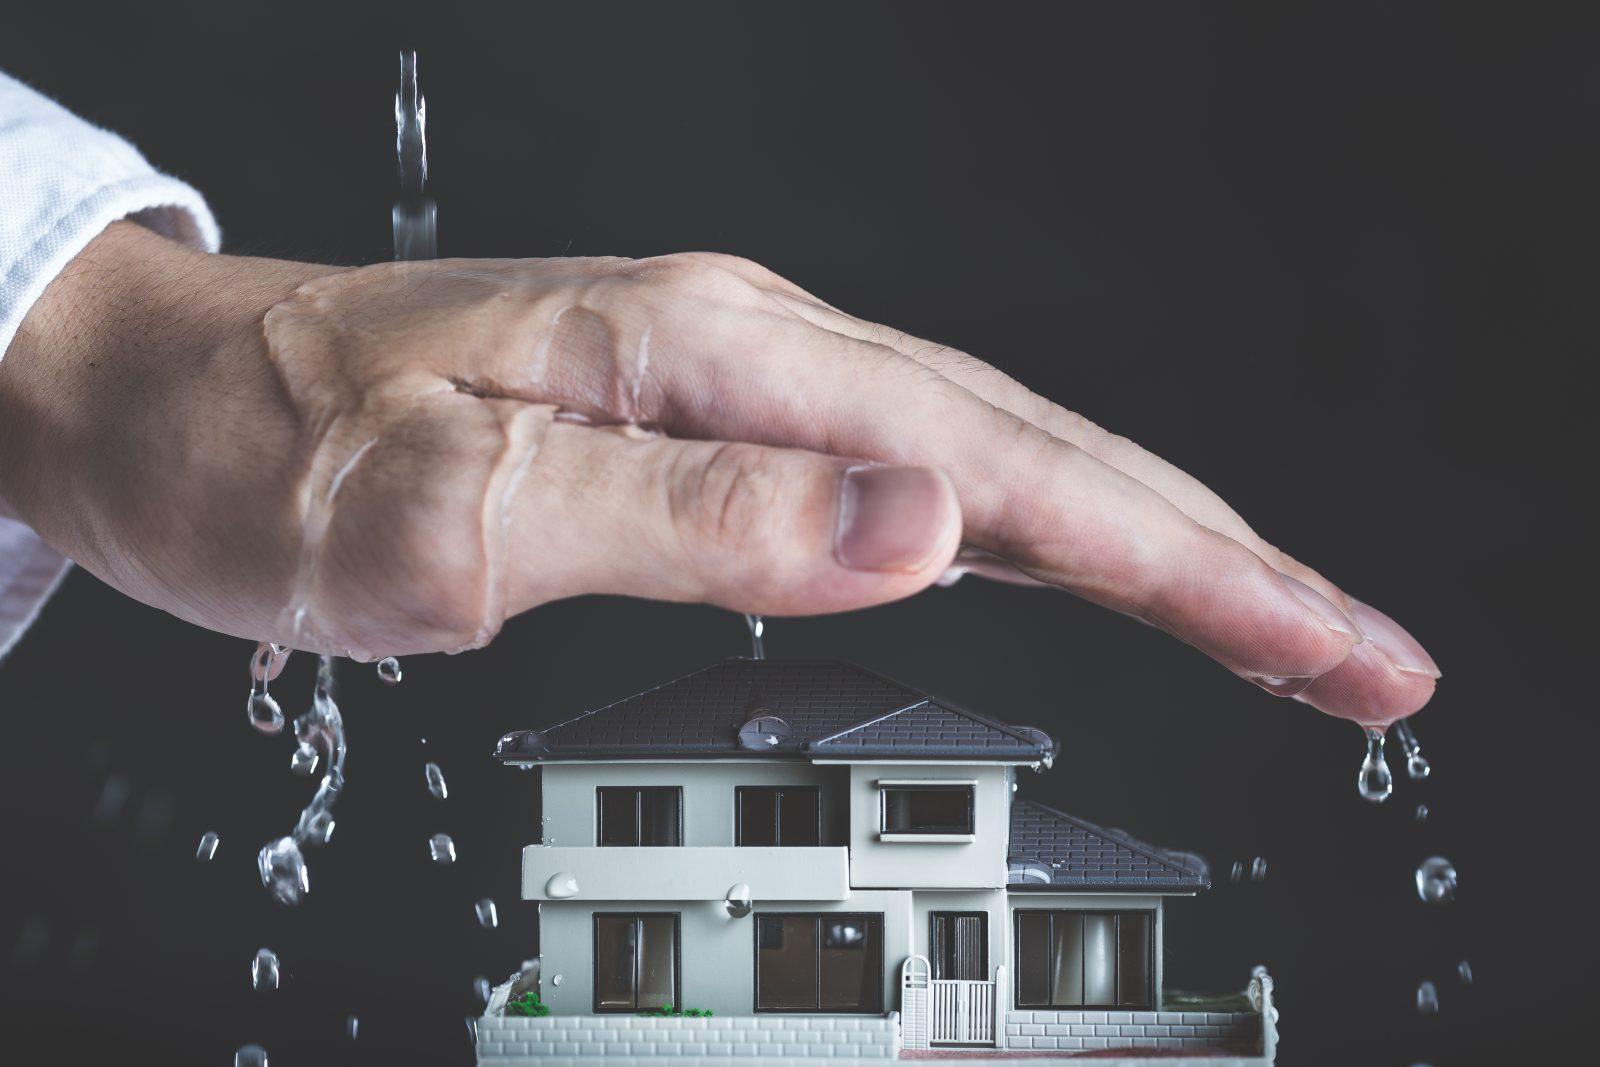 Le détecteur de fuites d'eau : votre meilleure assurance contre les dégâts d'eau